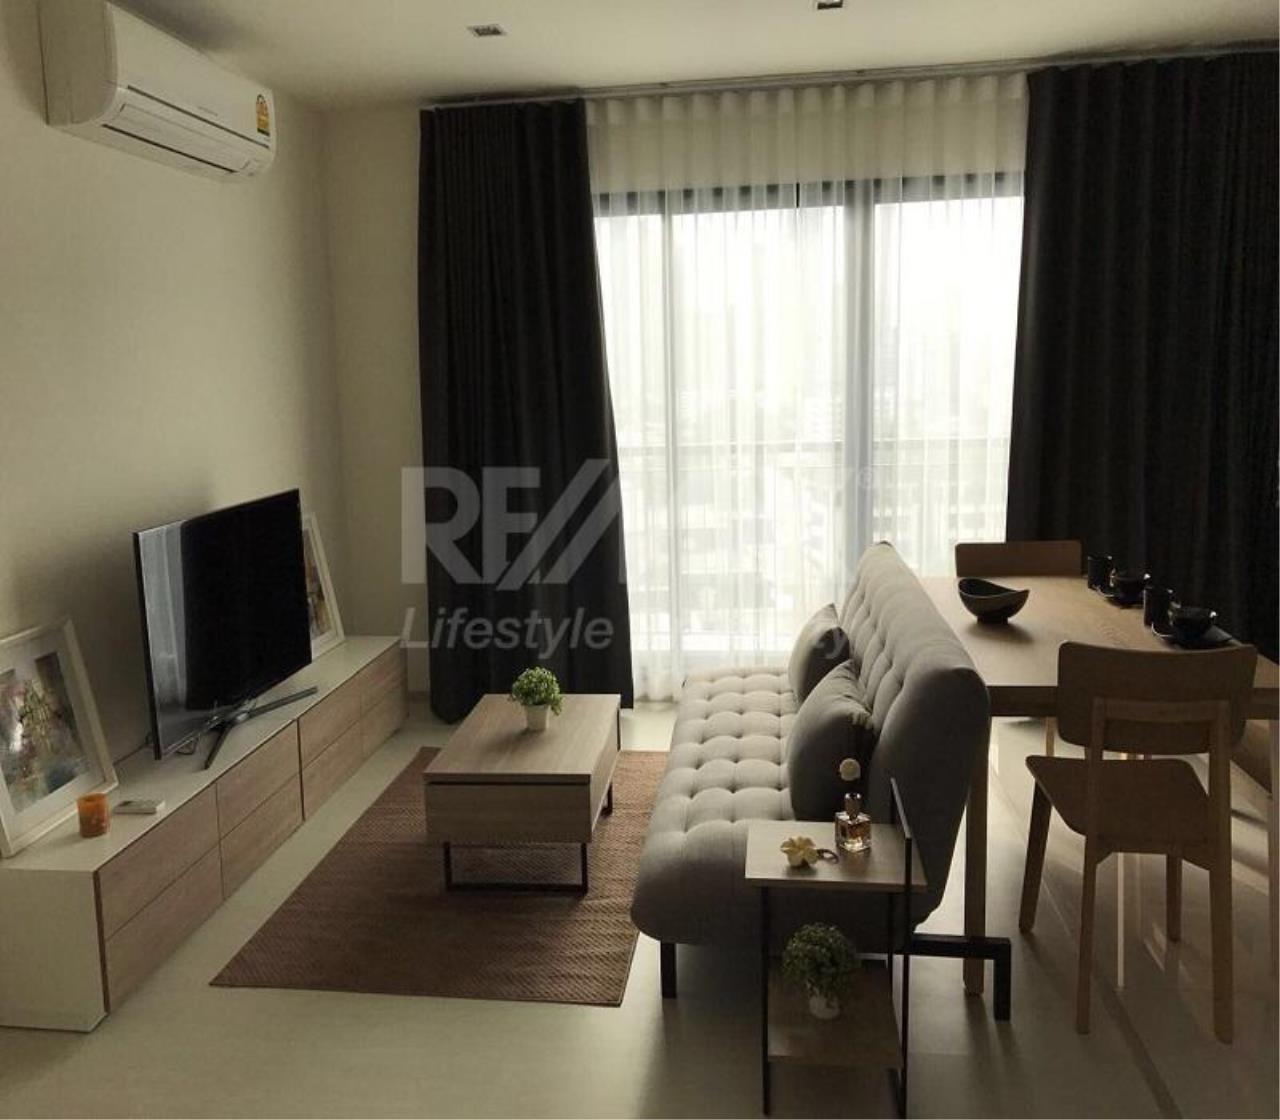 RE/MAX LifeStyle Property Agency's Rhythm Sukhumvit 36-38 4